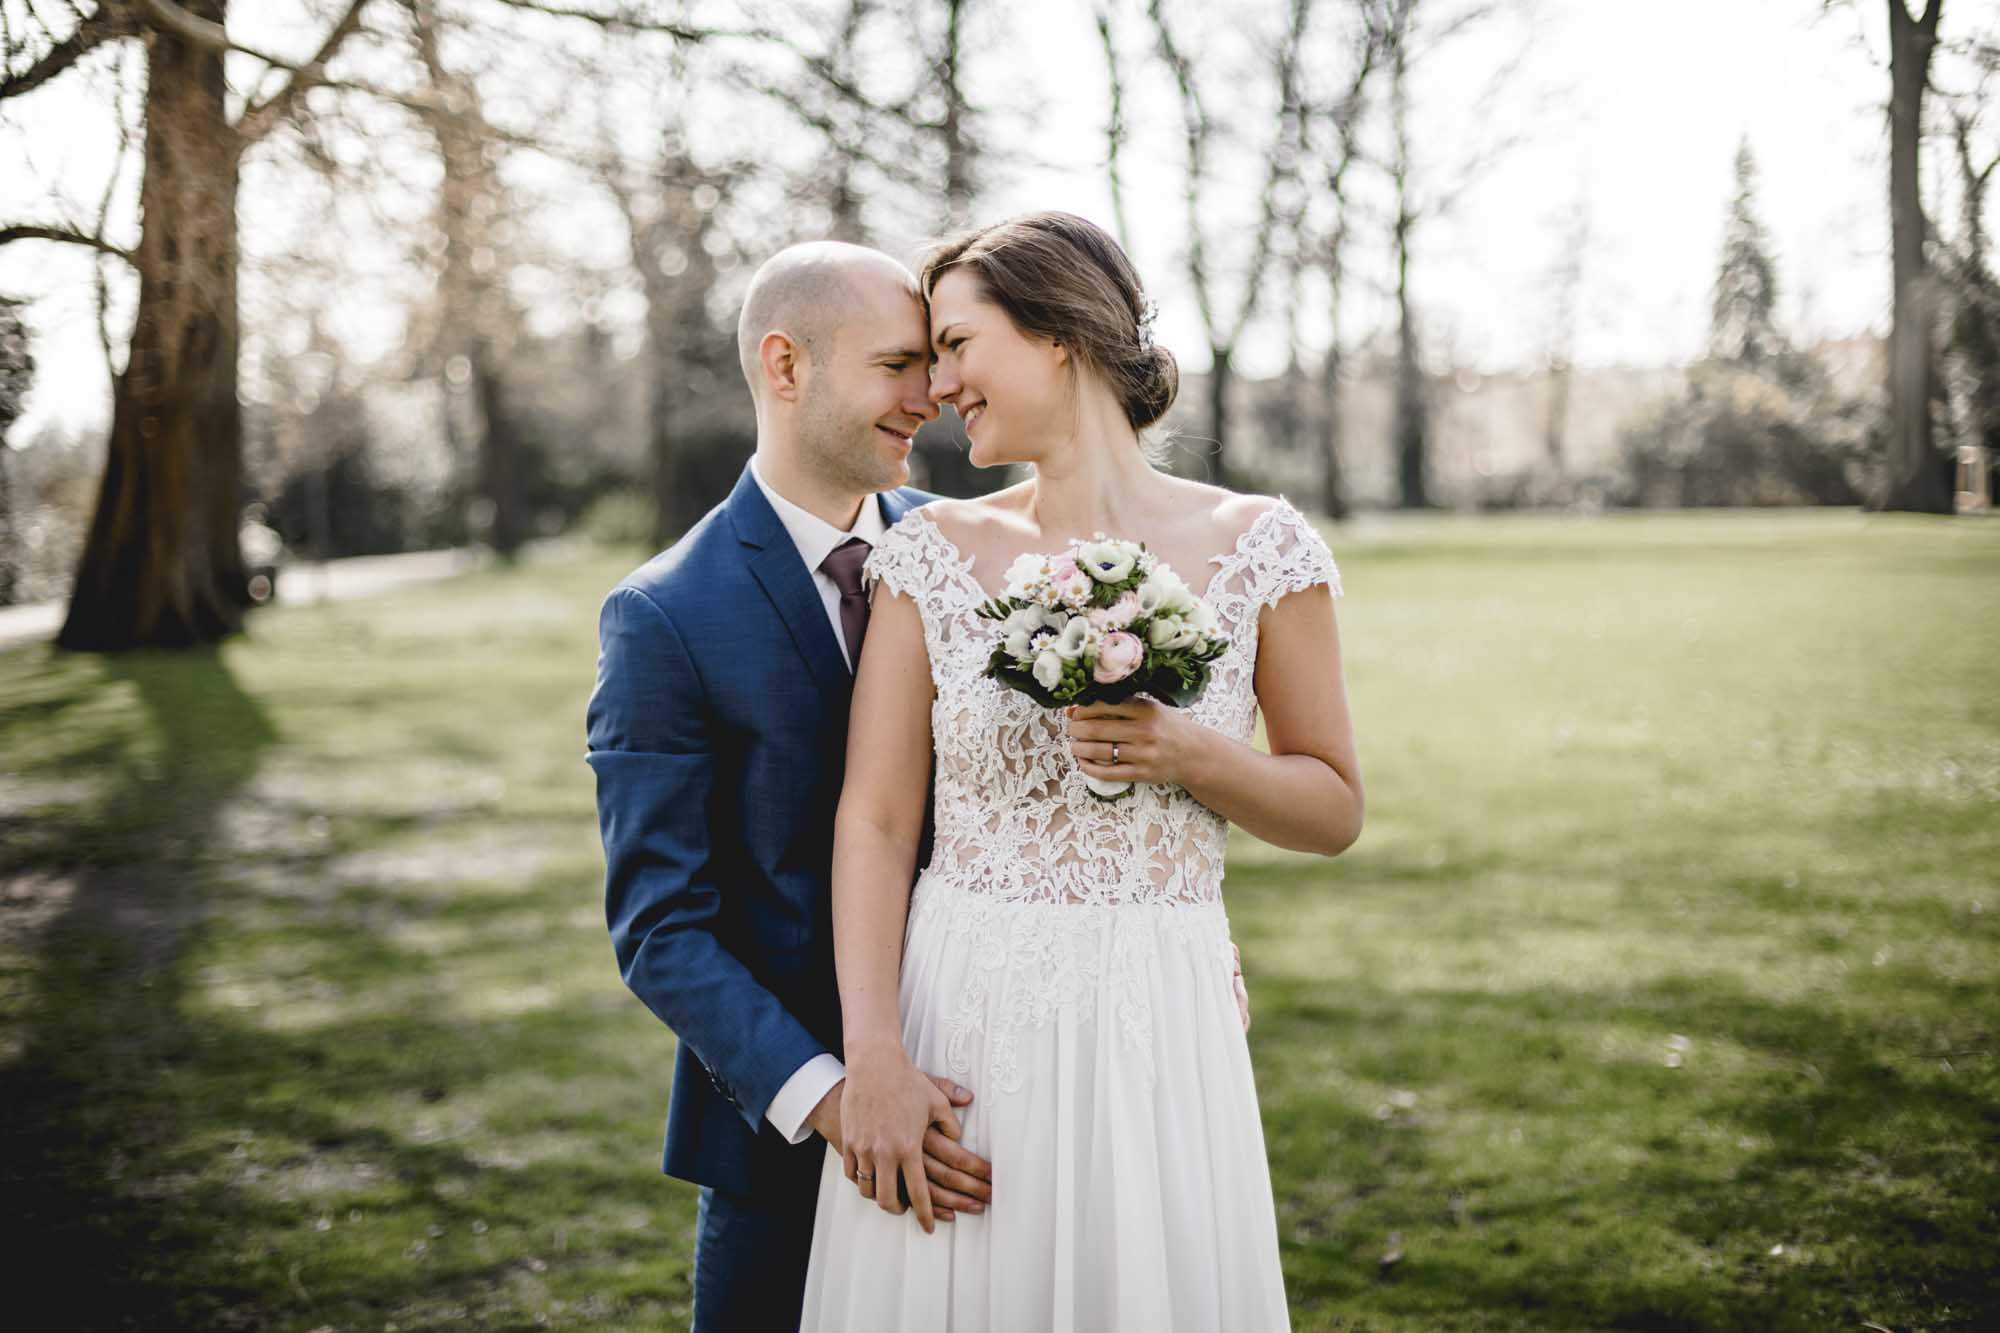 Fotograf Köpenick Hochzeit Schlosspark Christina und Roy